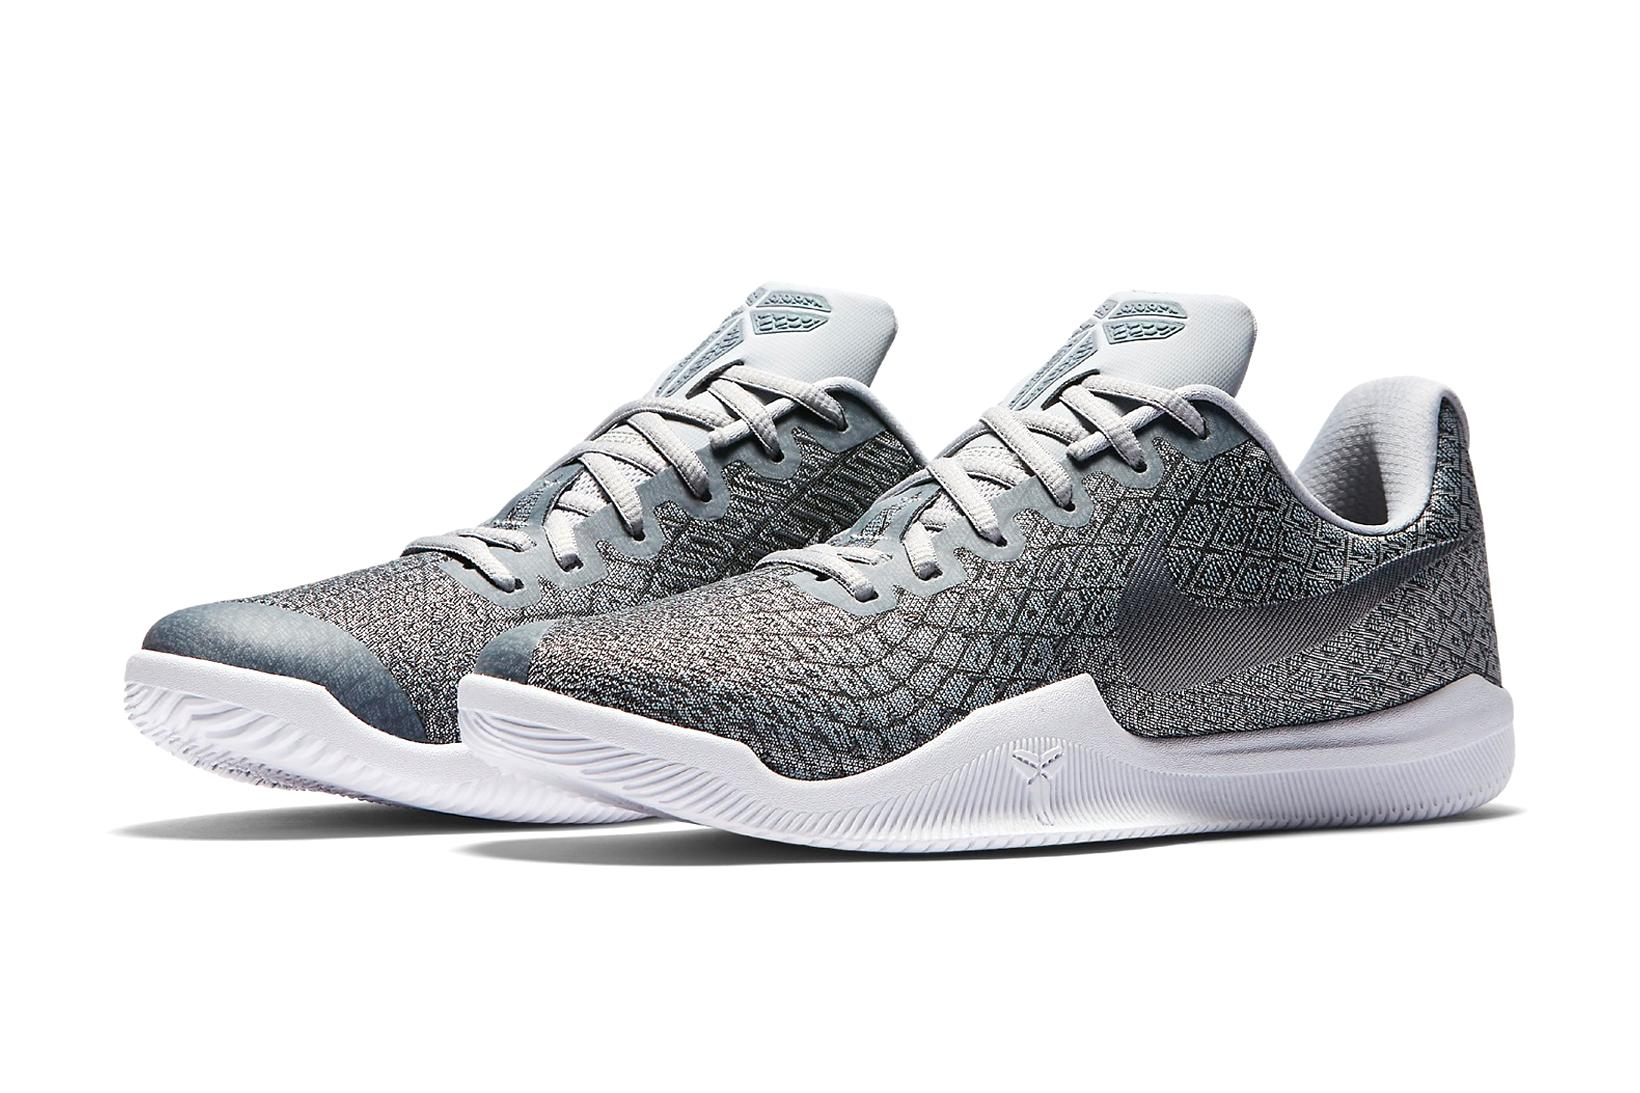 Kobe Bryant Nike Mamba Instinct